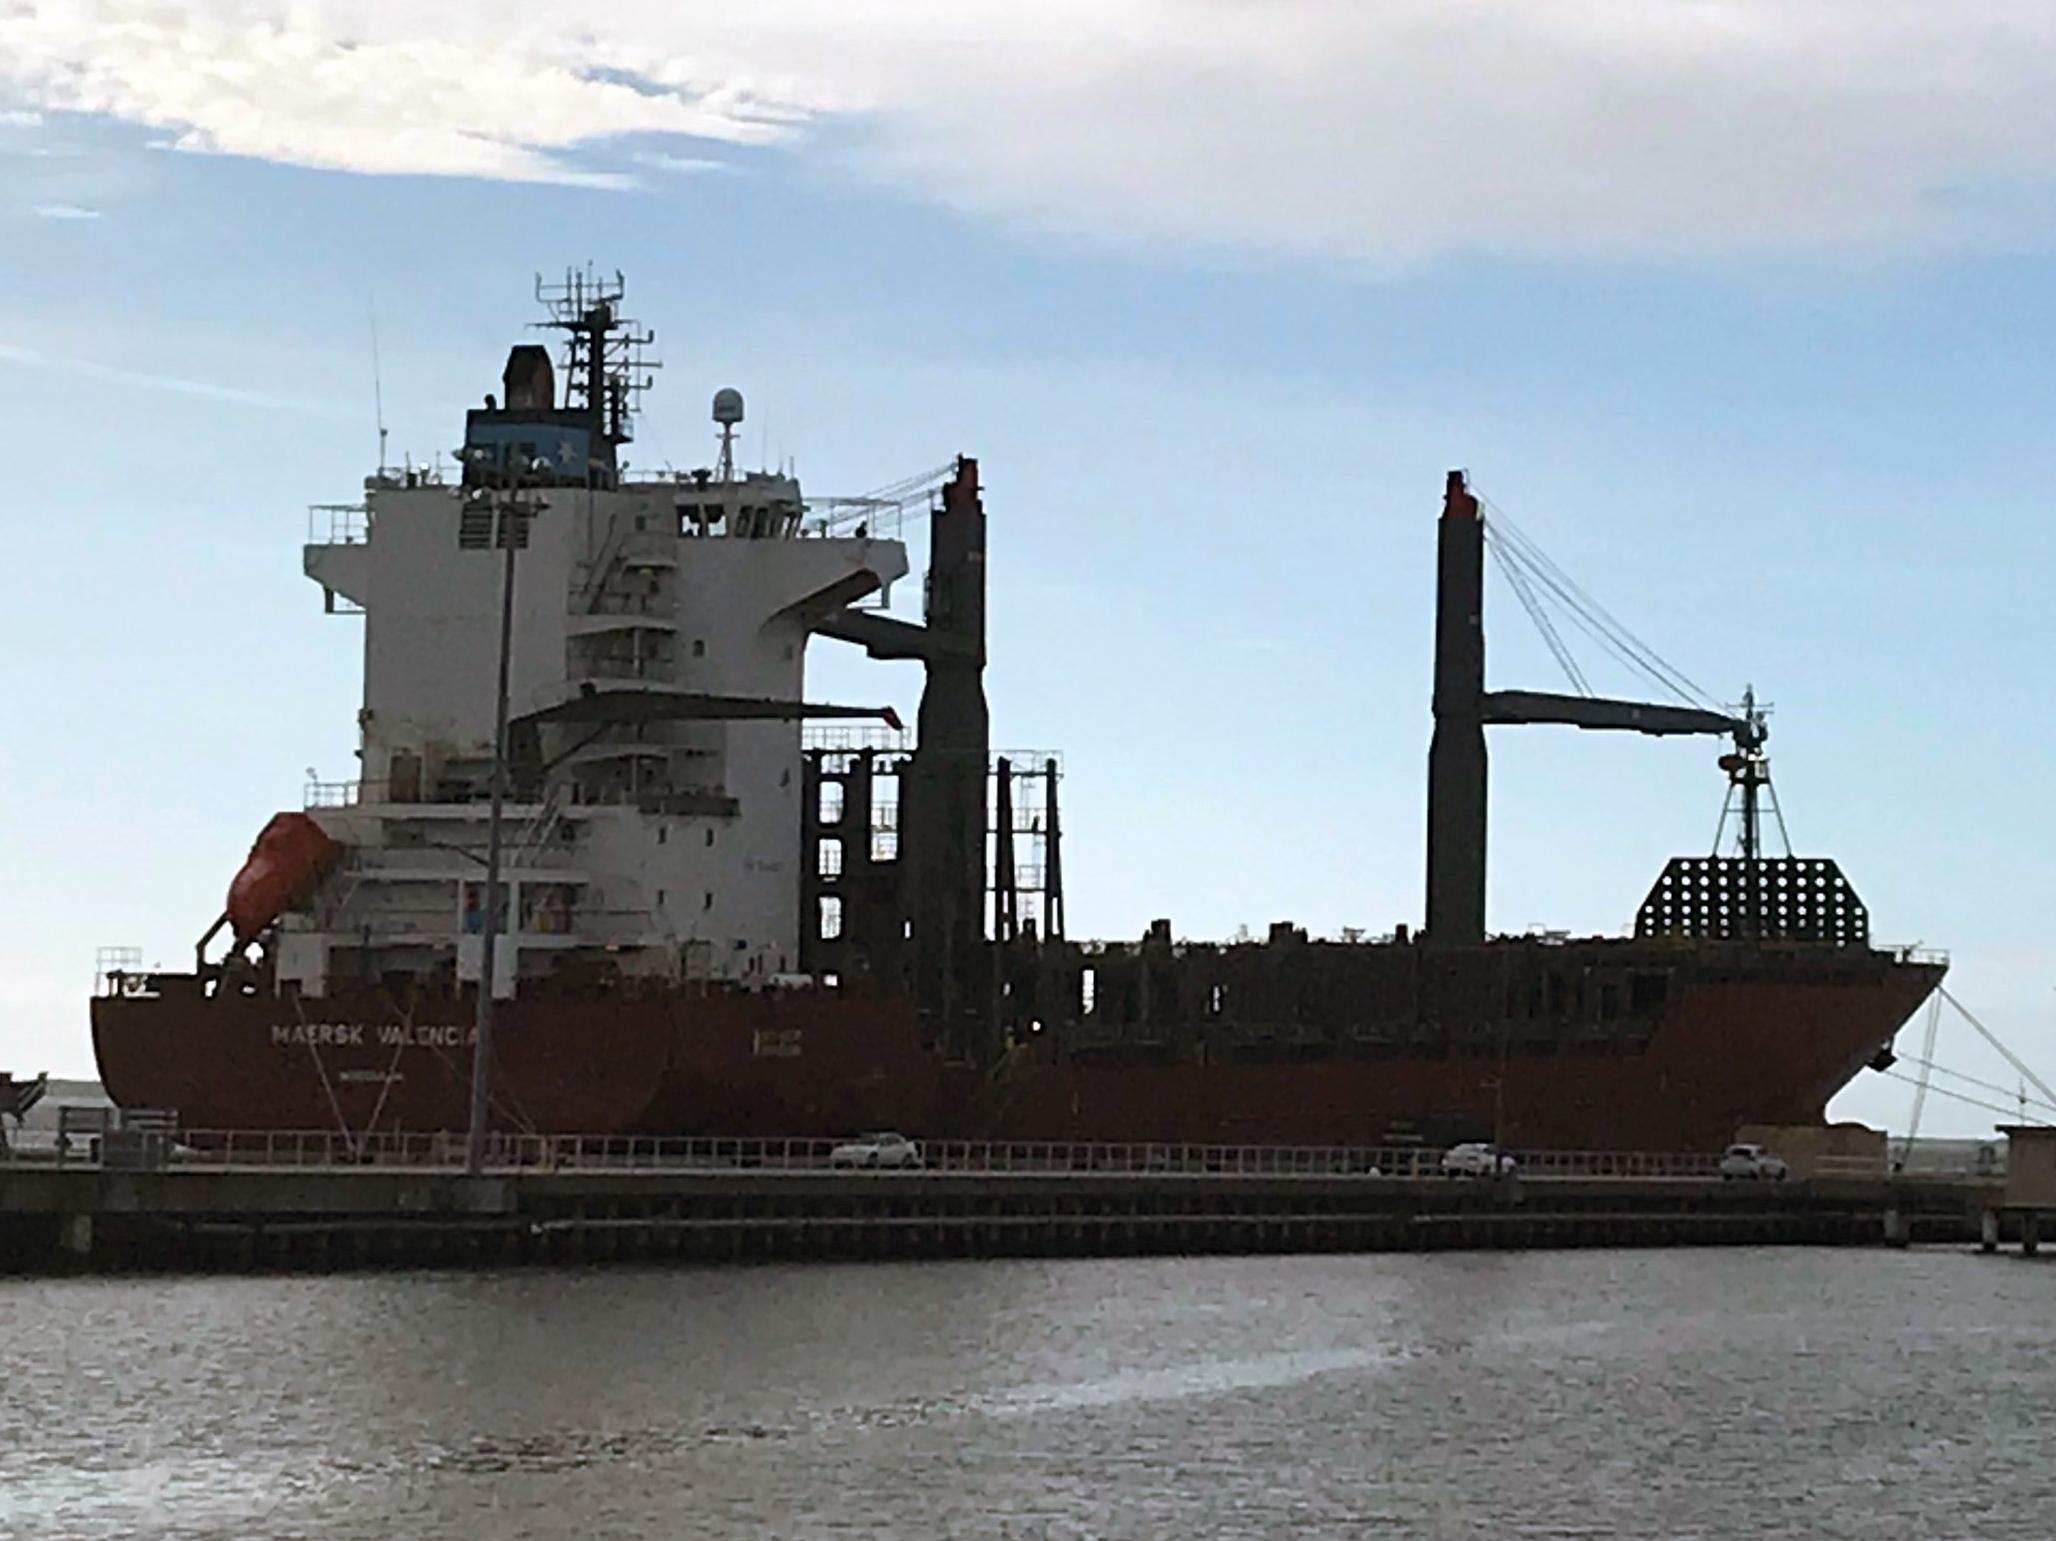 MV Maersk Valencia